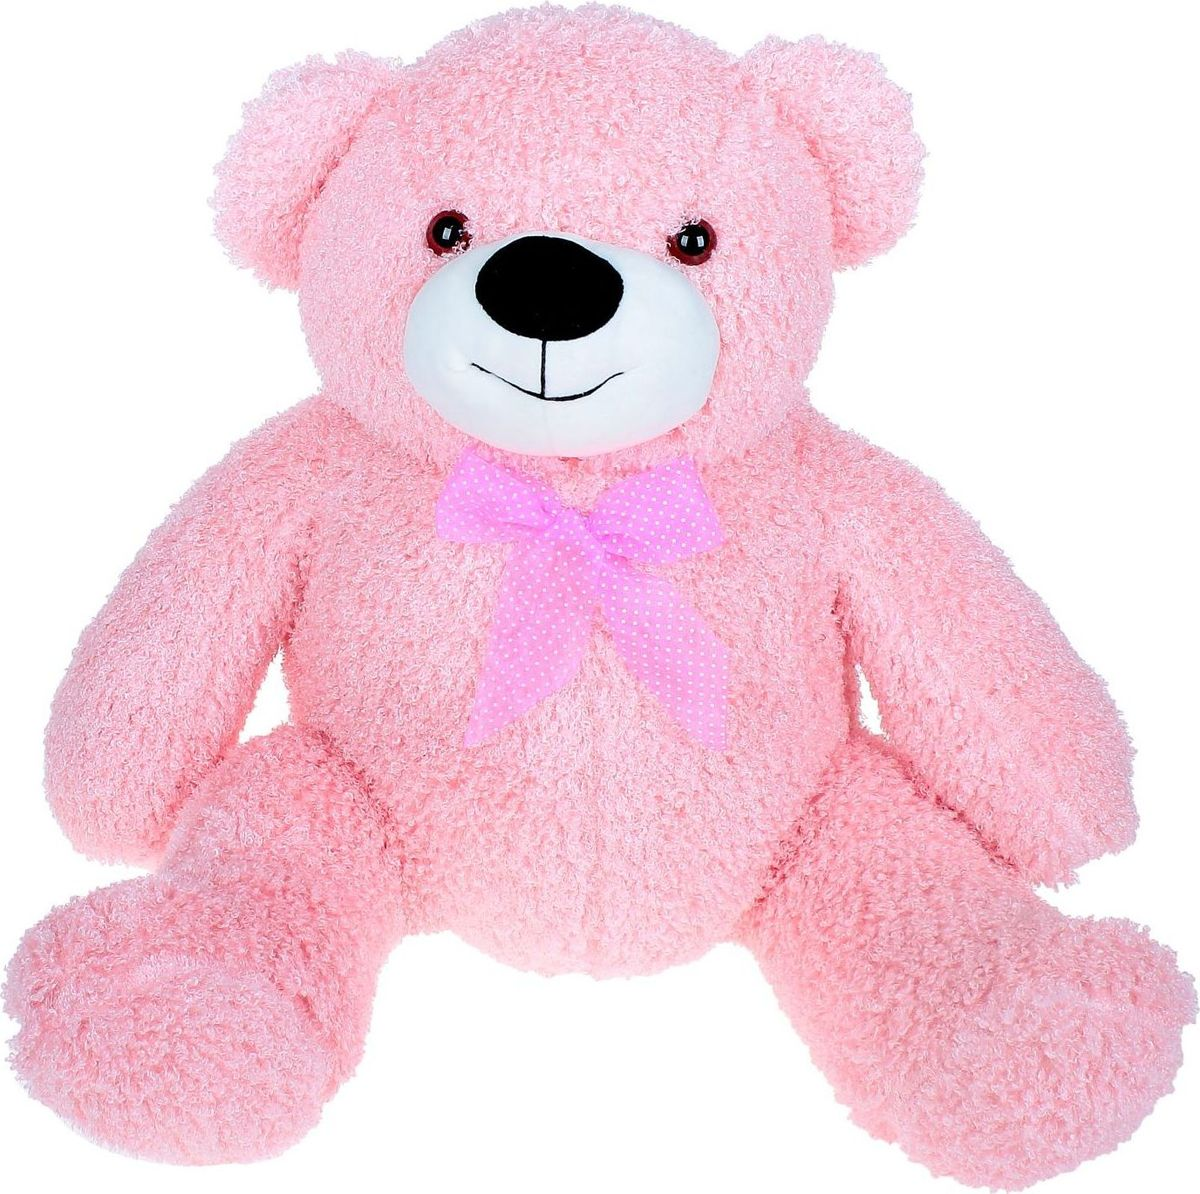 Купить Sima-land Мягкая игрушка Медведь кудрявый цвет розовый 60 см, Мягкие игрушки